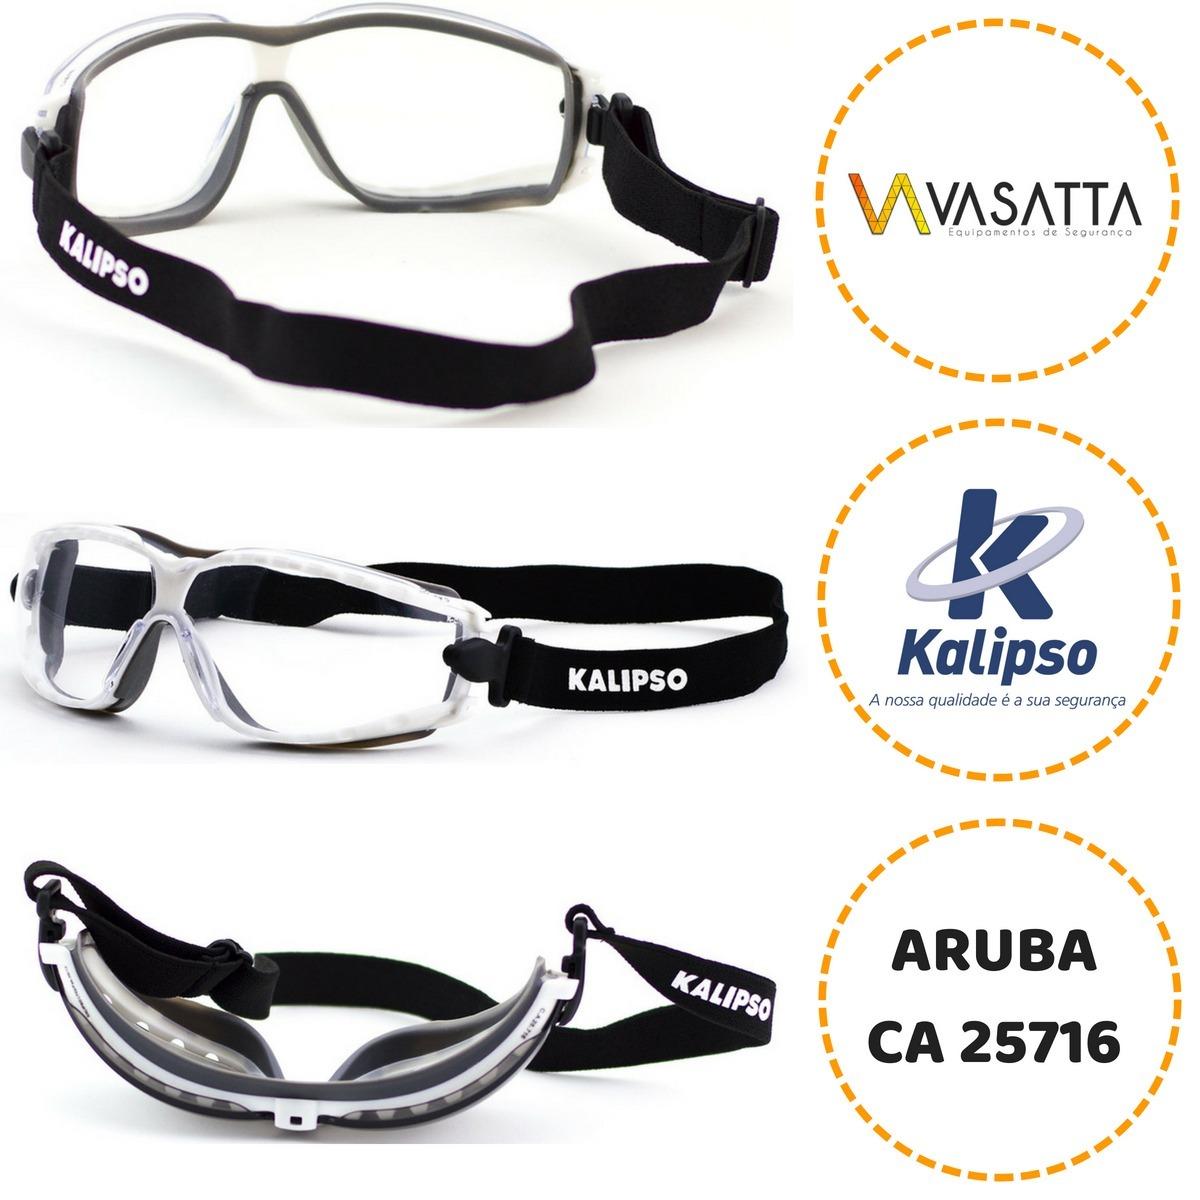 3b76bf02cae47 oculos de proteção com elástico aruba kalipso caixa com 12. Carregando zoom.